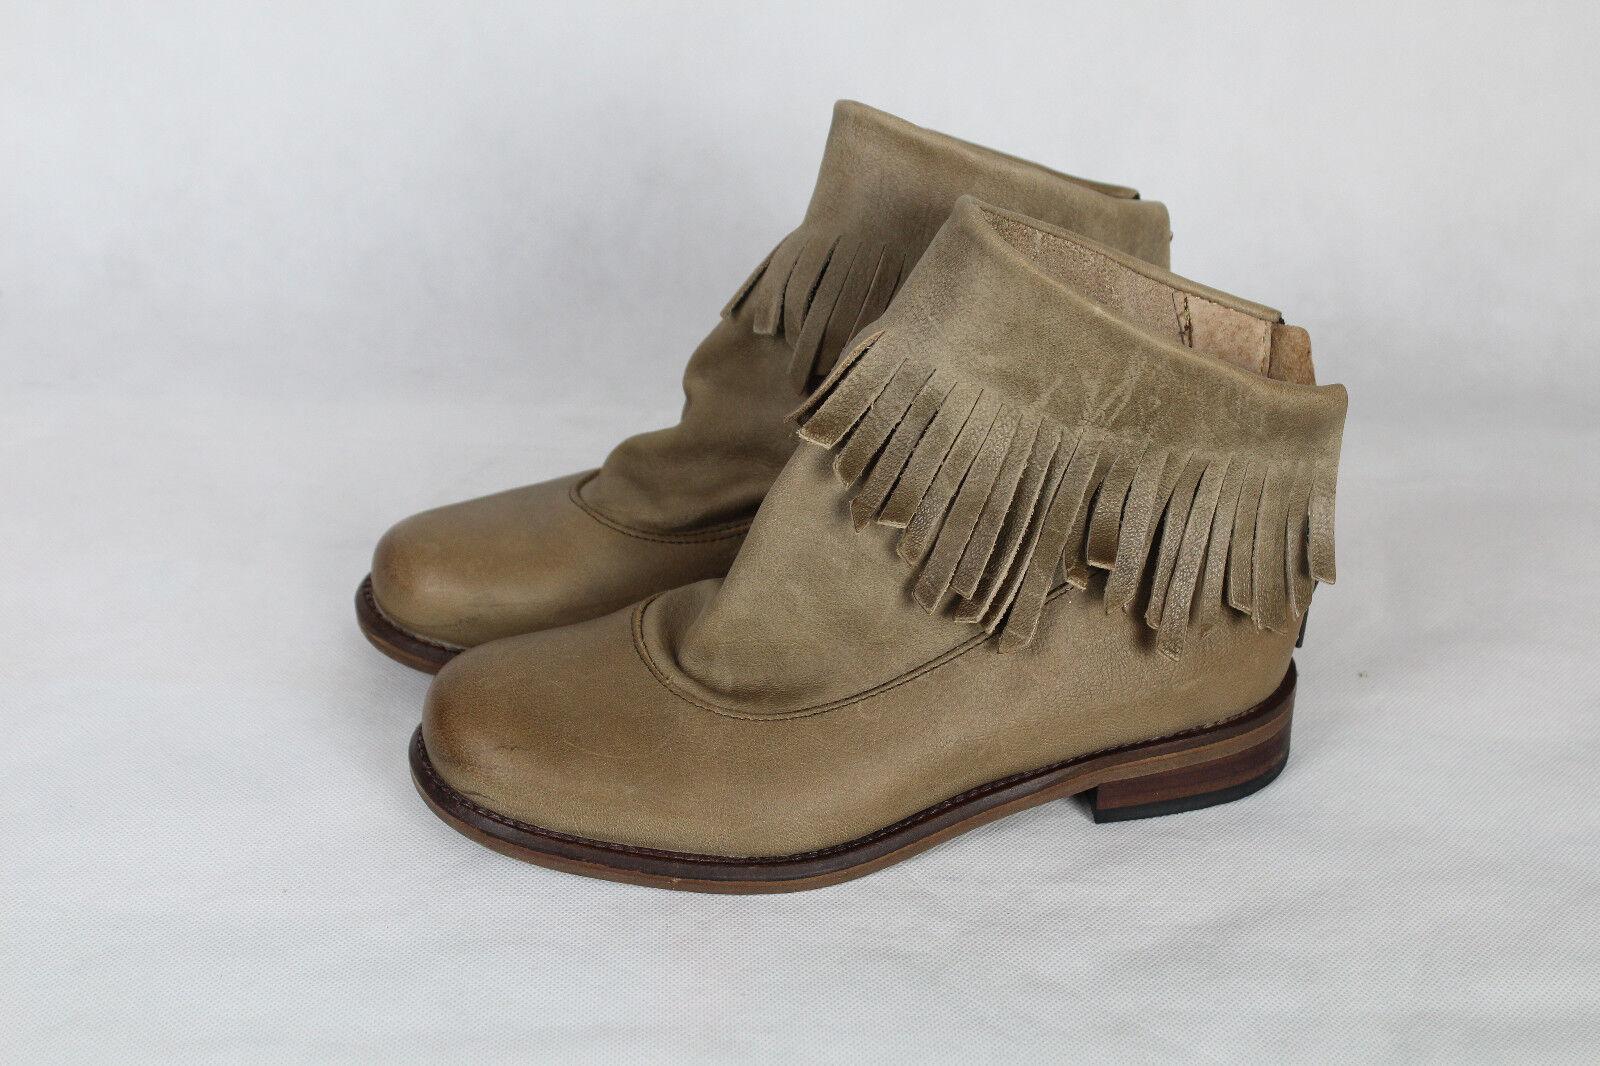 Nobrand Schuhe guter Stiefeletten mit Fransen,Damen Gr.38,sehr guter Schuhe Zustand,NP d7082e